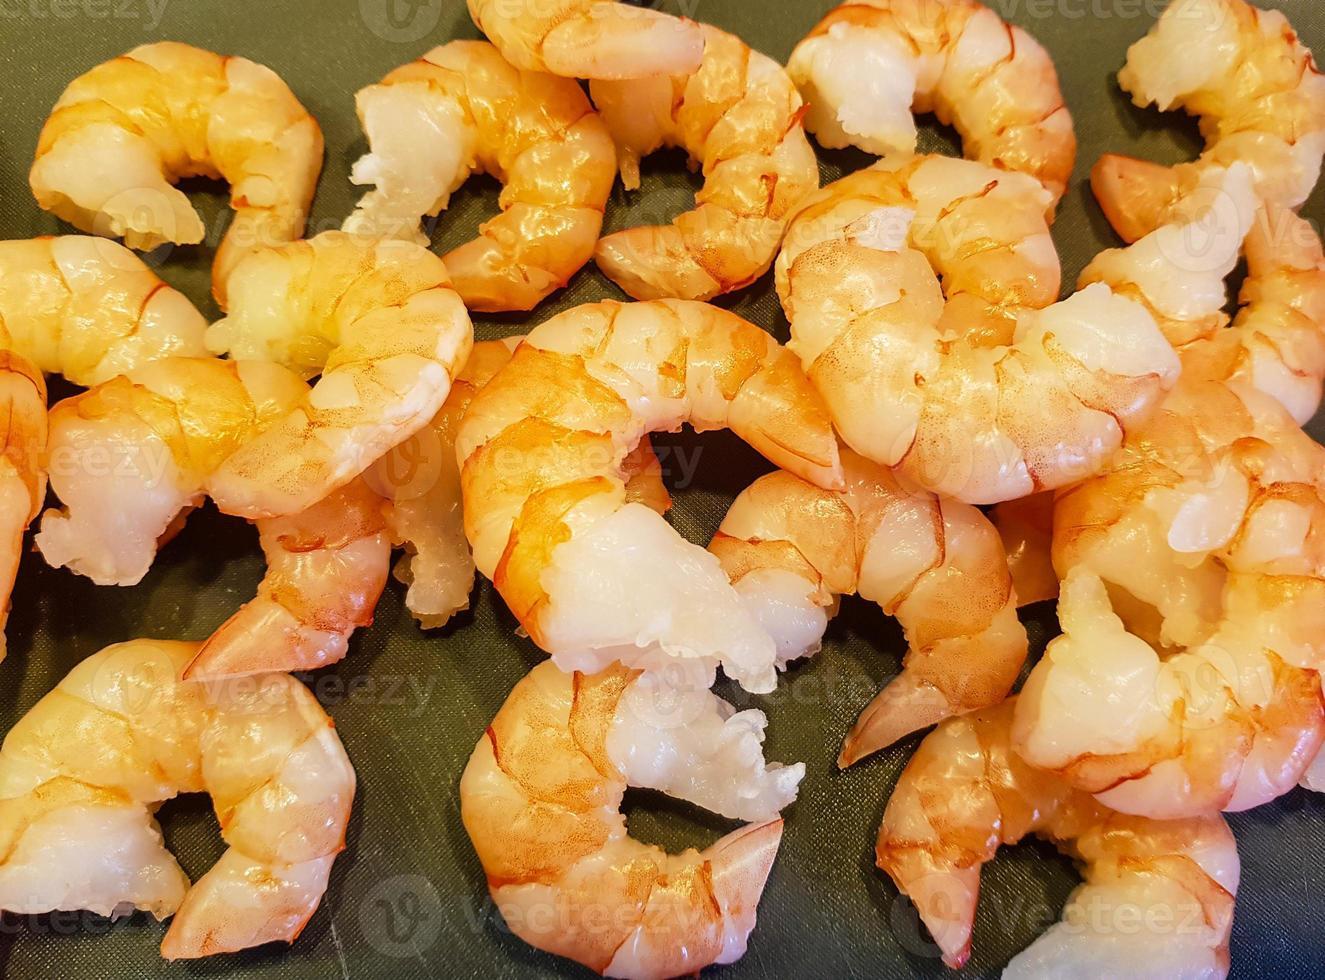 quelques crevettes fraîches épicées et rôties photo